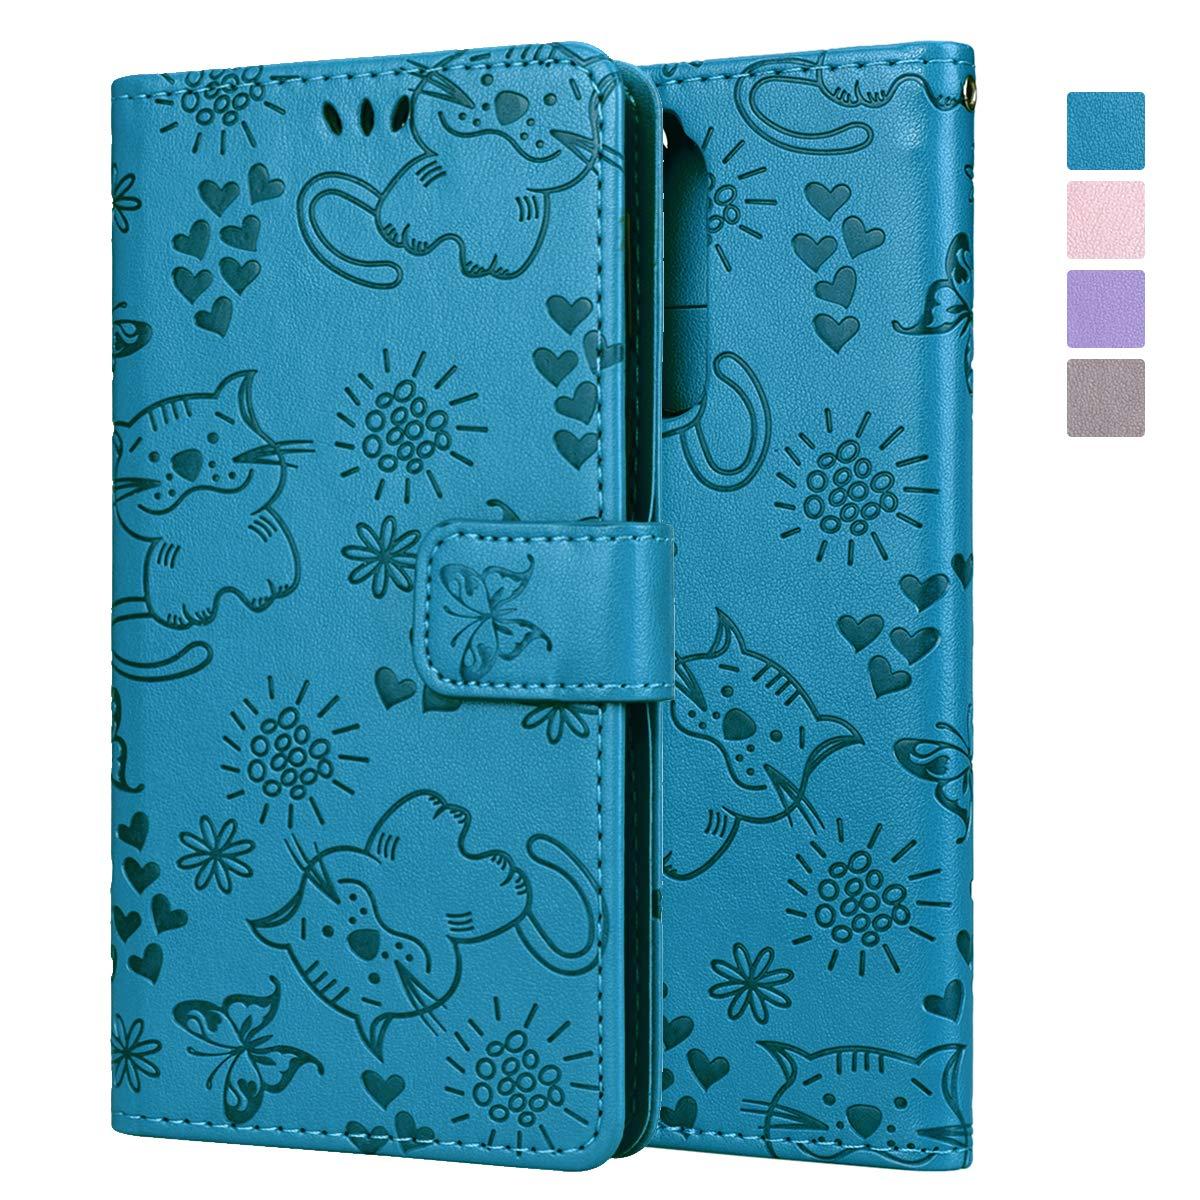 SMART LEGEND Nokia 8 Hülle, Handyhülle Schutzhülle mit kartenfach Lederhülle Ledertasche Prägung Katze PU Leder Flip Case Protective Cover Innere Weiche Silikon Bookcase Handy Tasche Schale mit Magnet Standfunktion Etui - Blau